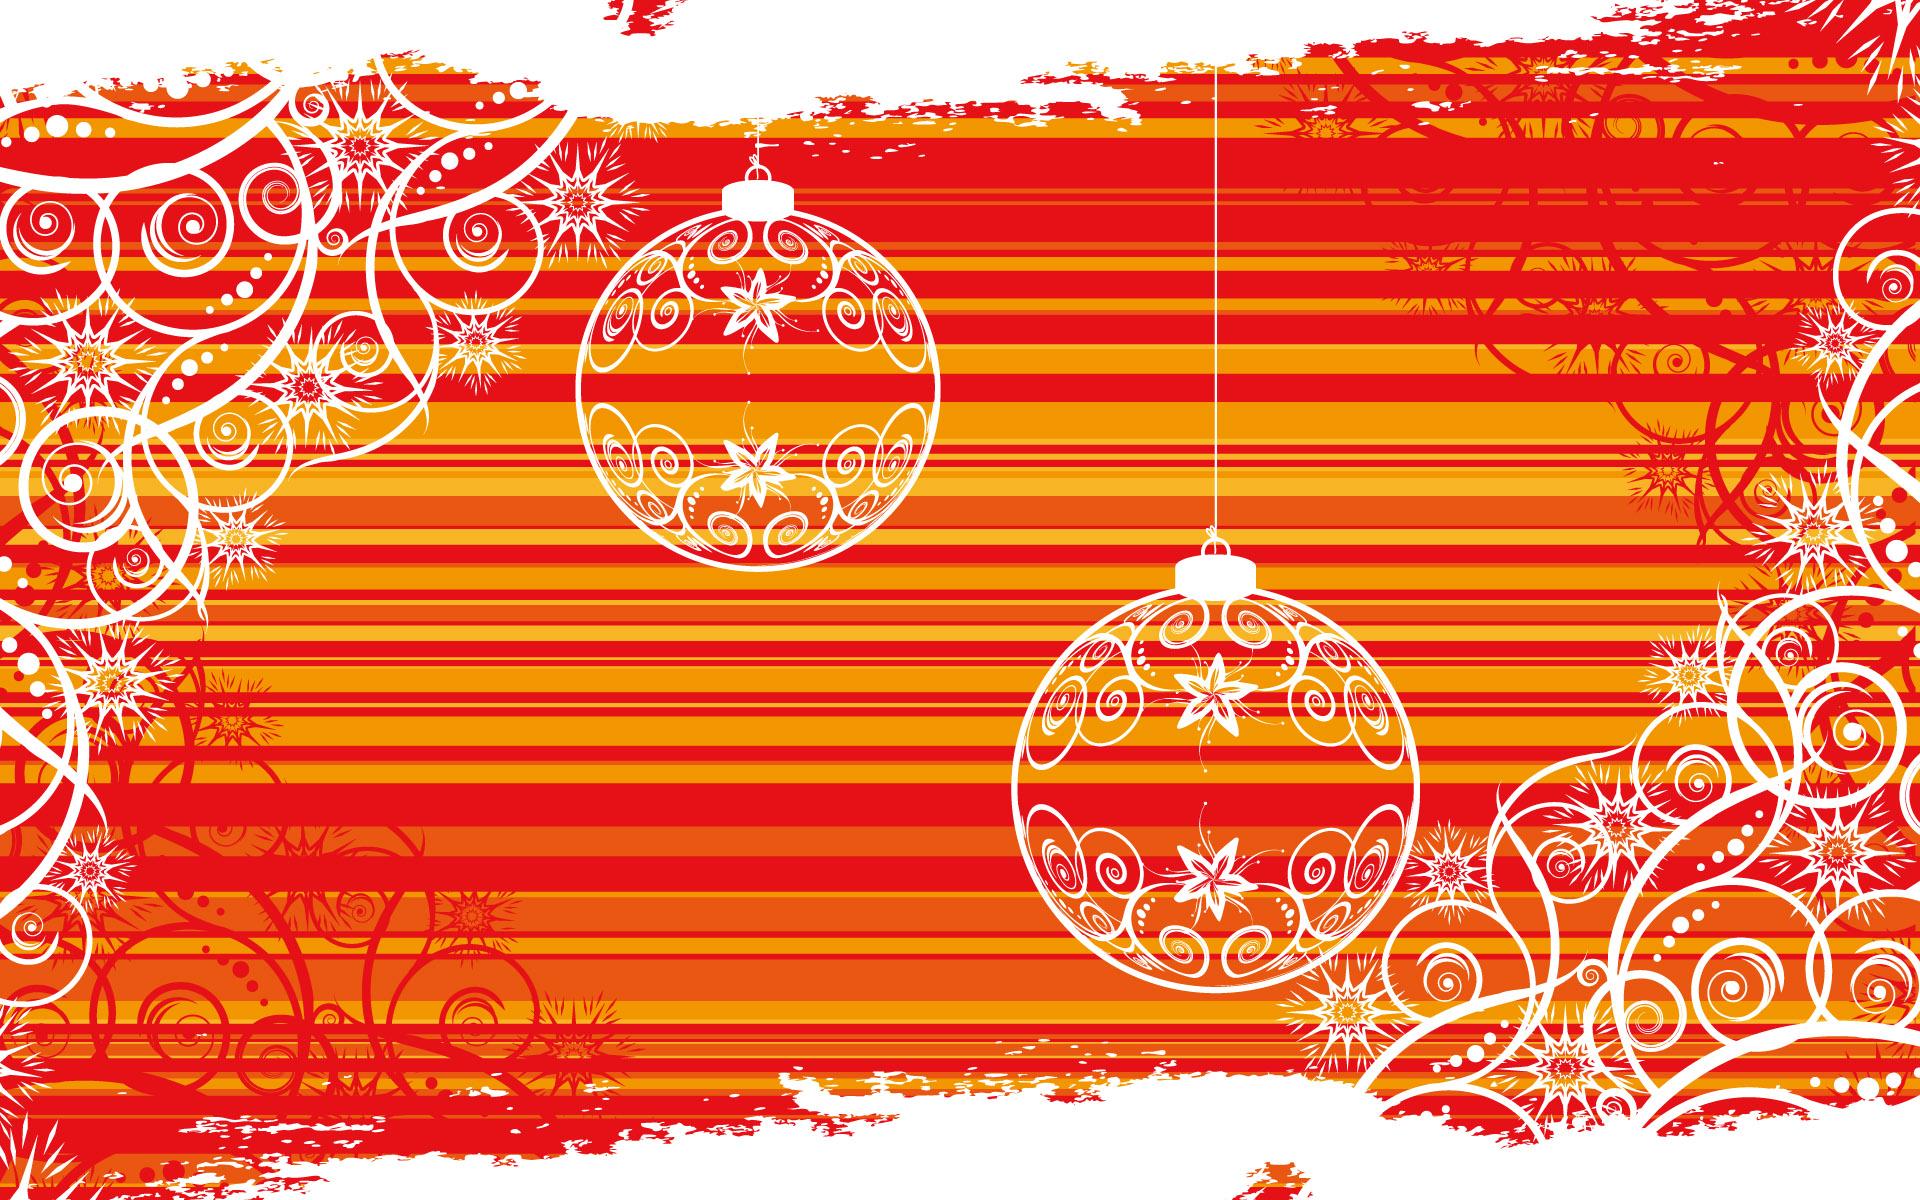 Abstracto por navidad - 1920x1200